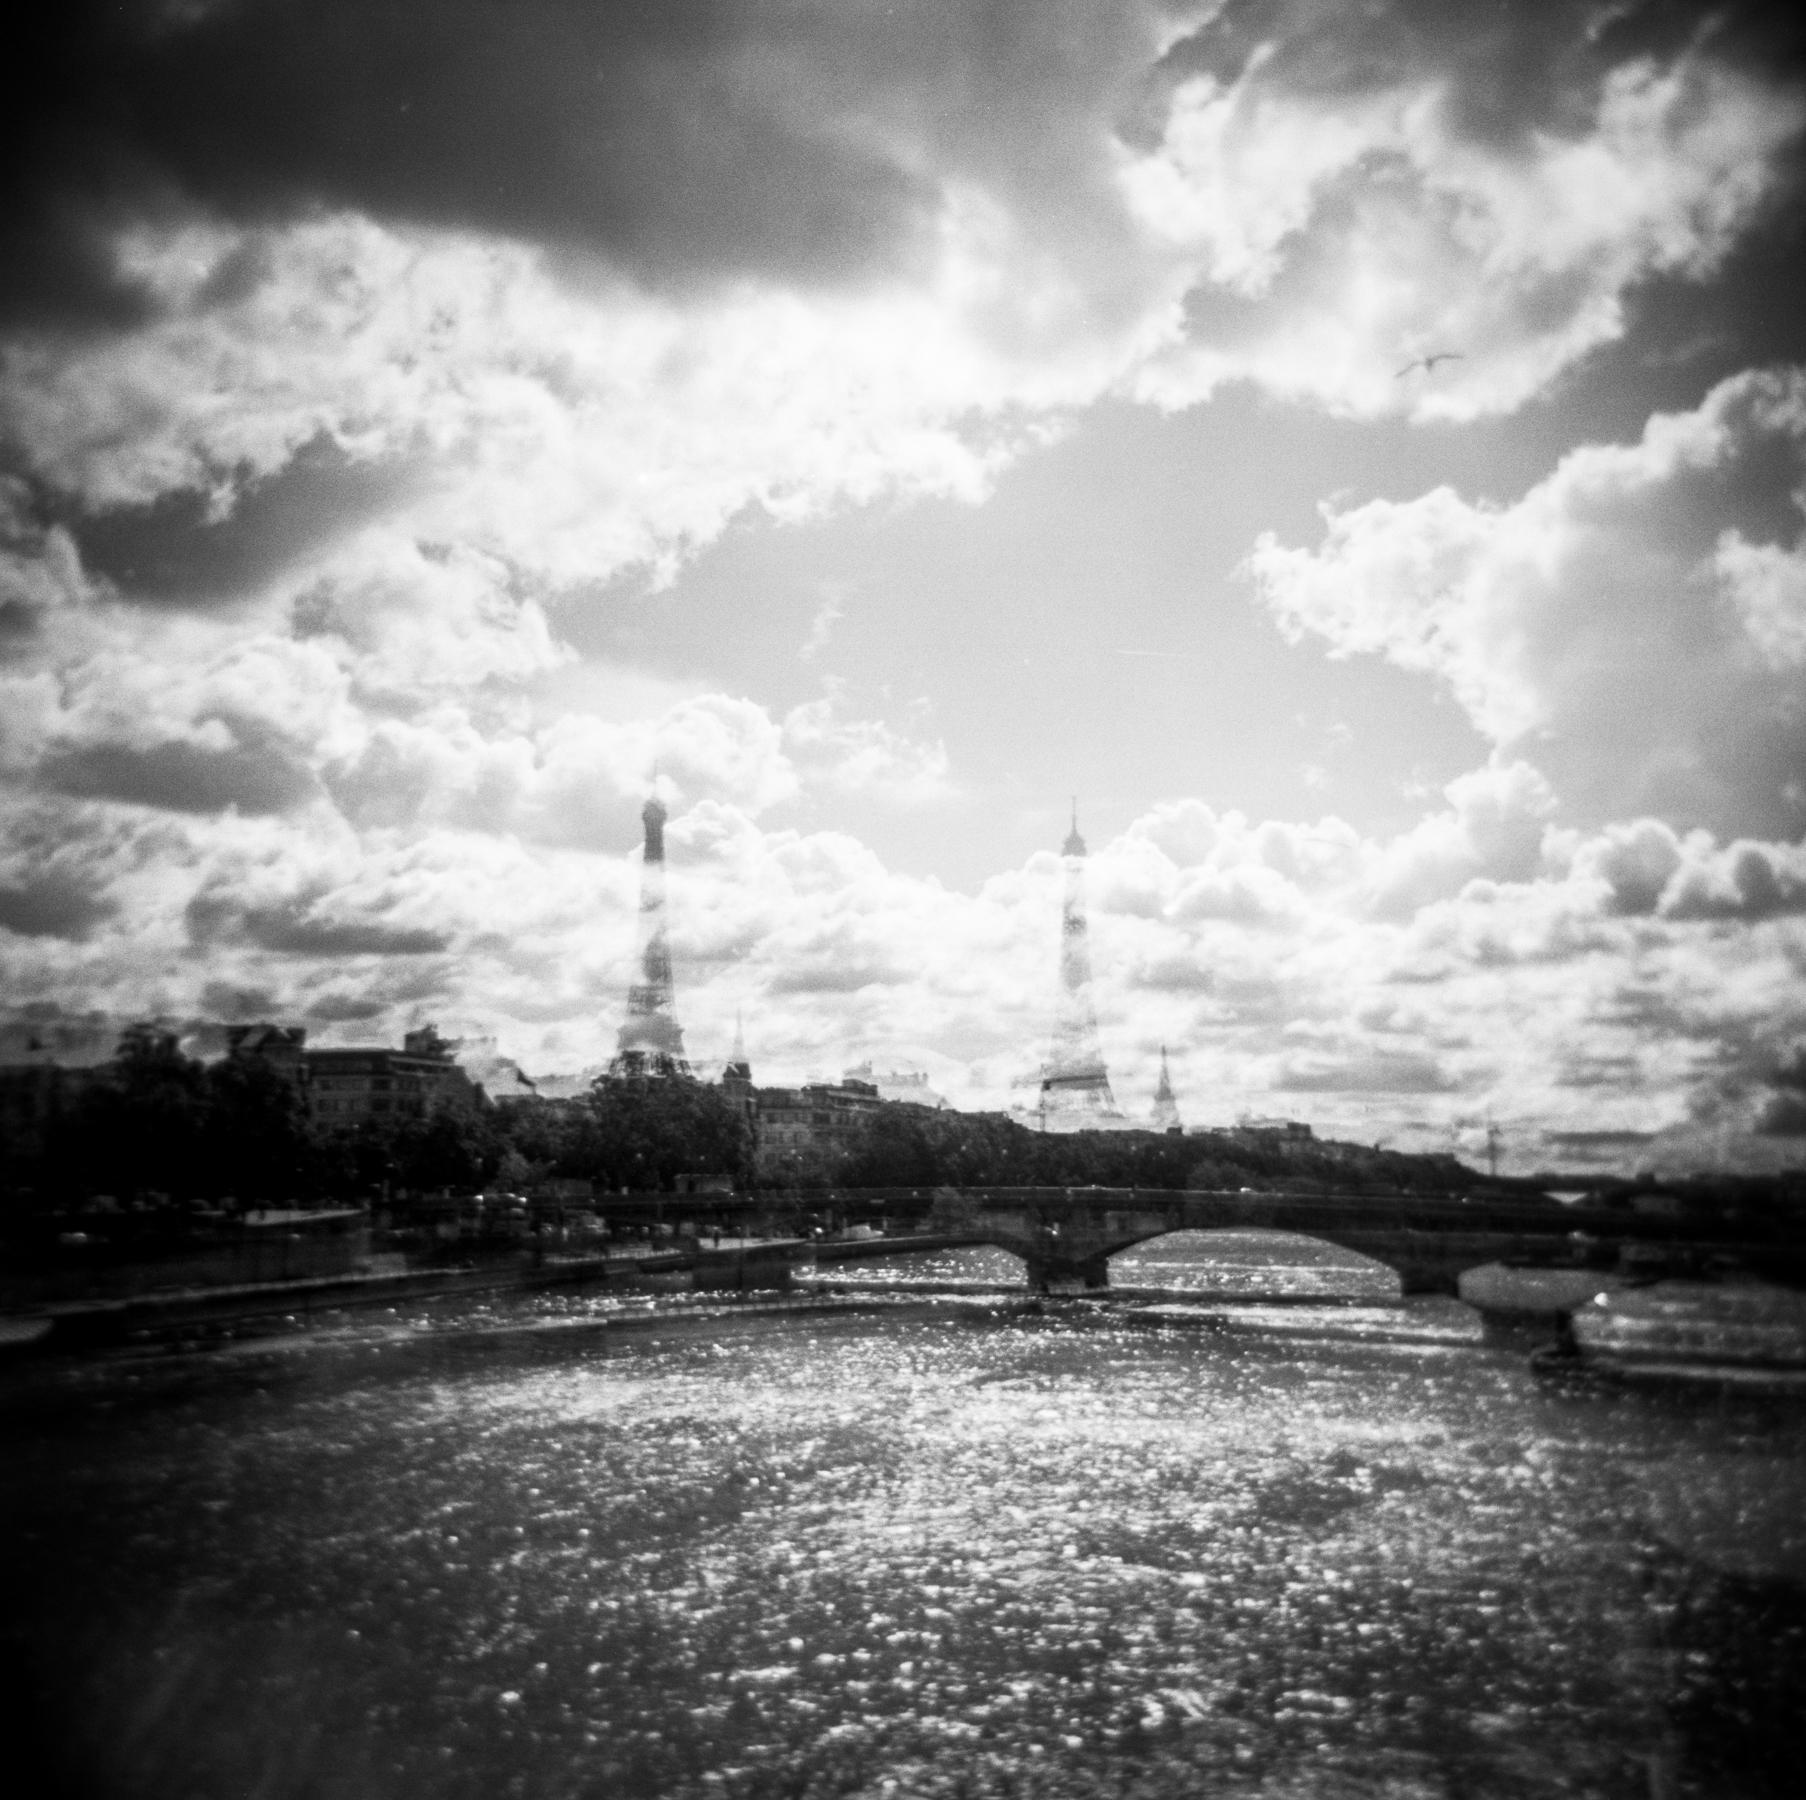 blackandwhiteparisphotography-4.jpg